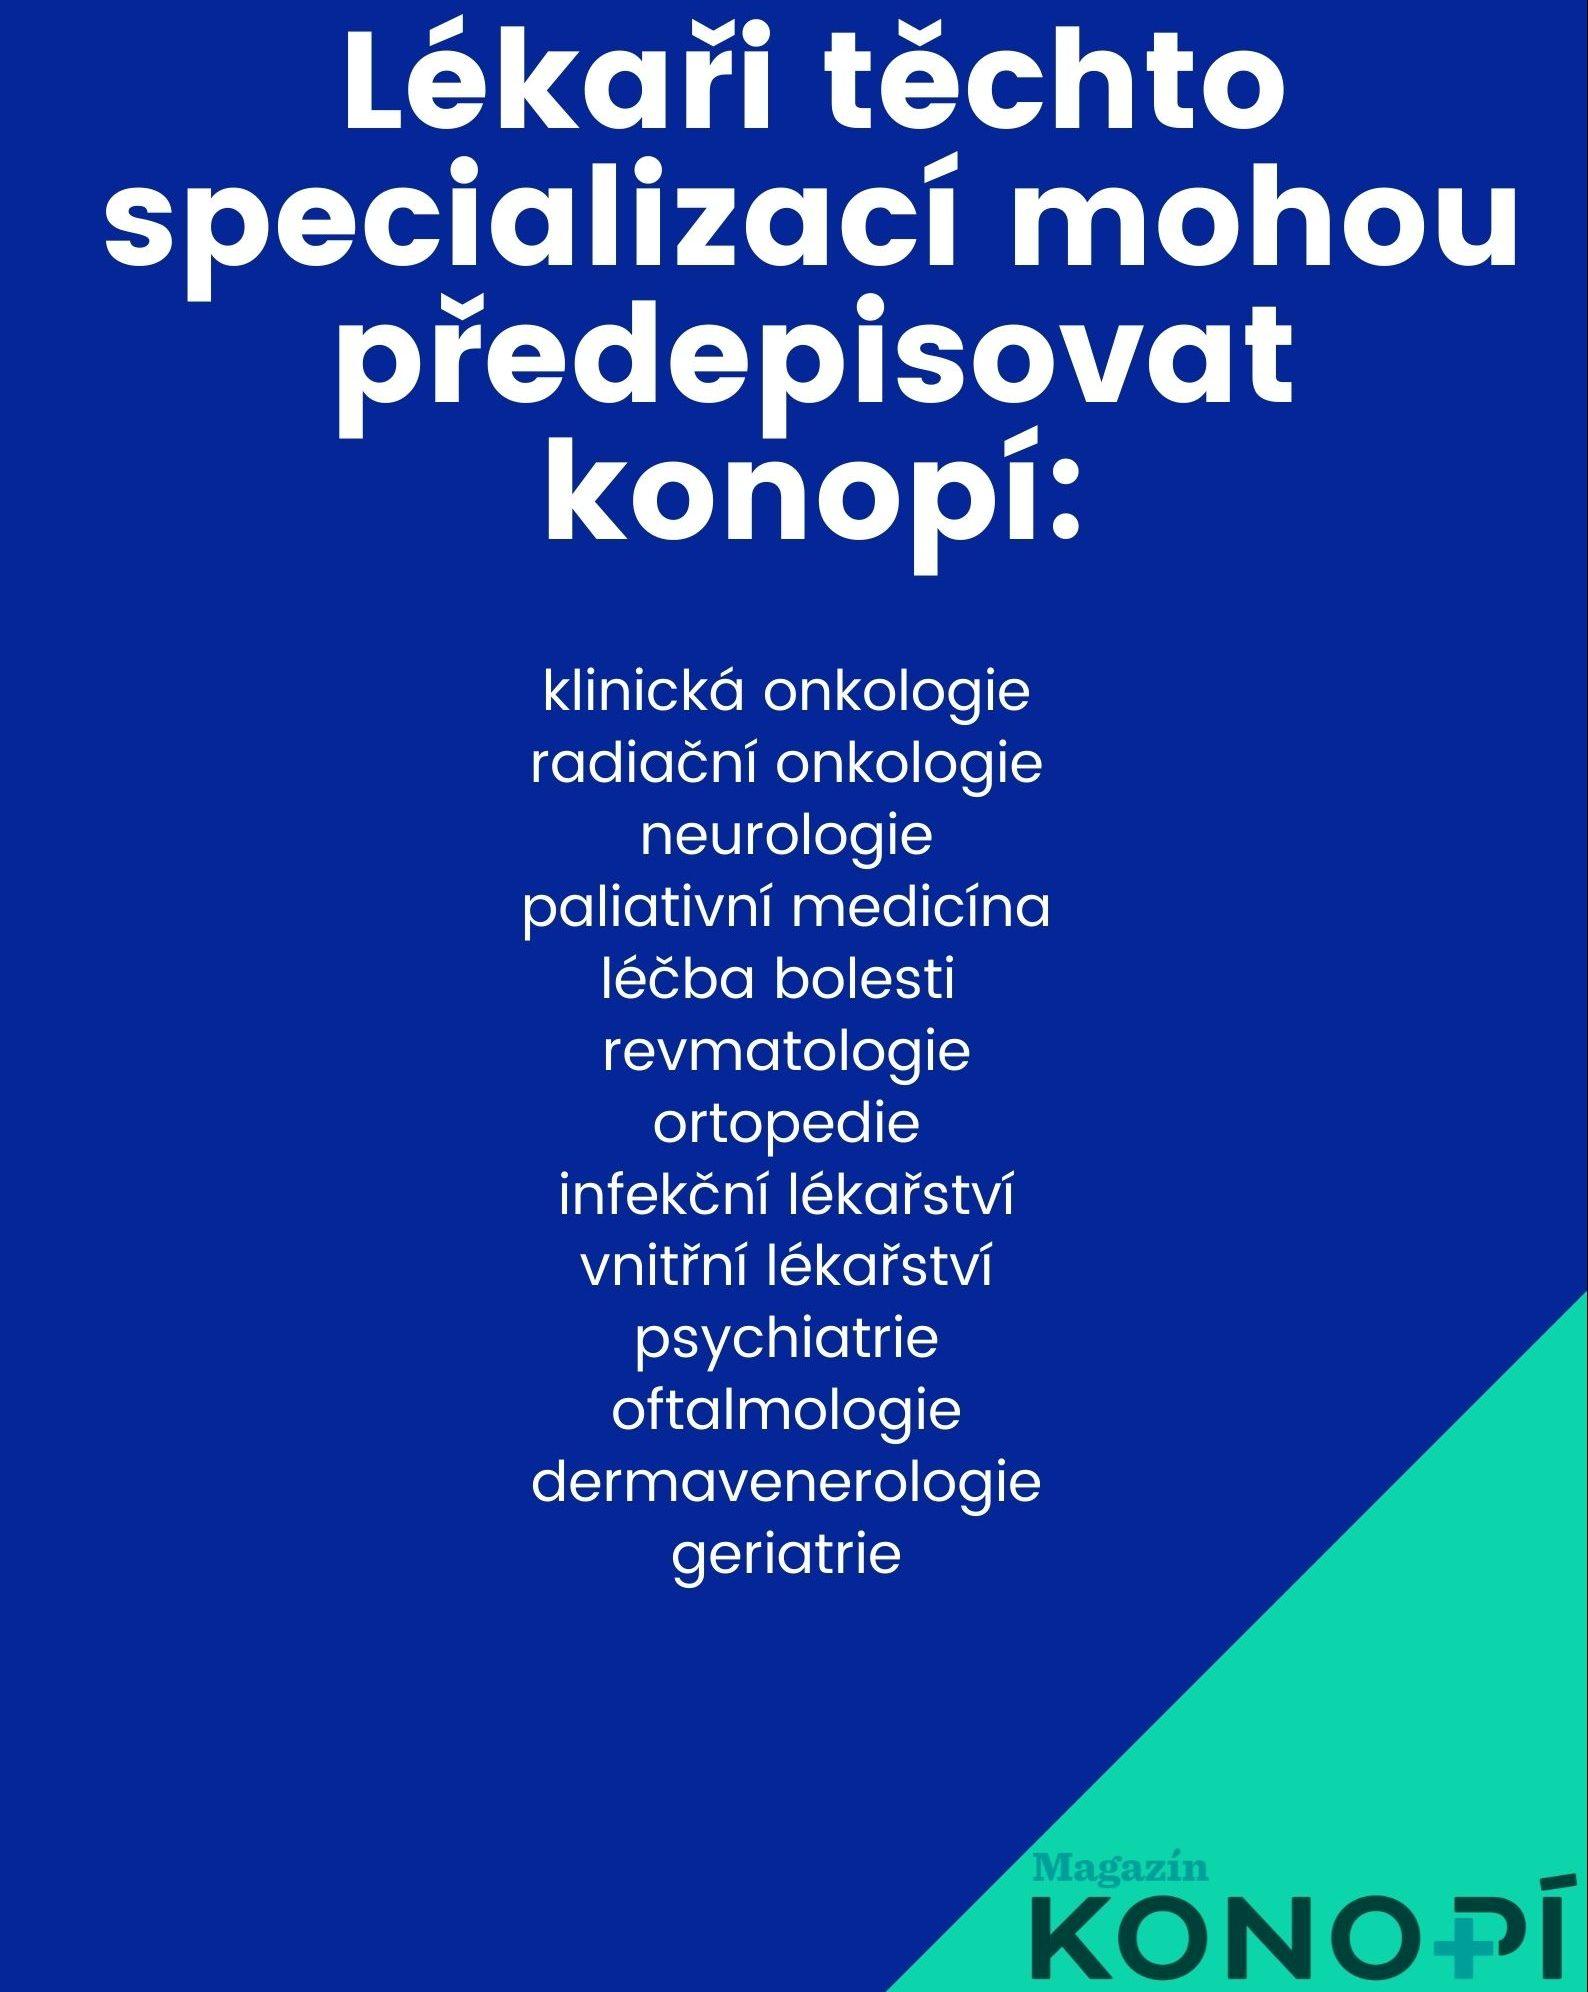 Lékařské specializace oprávněné předepisovat léčebné konopí.